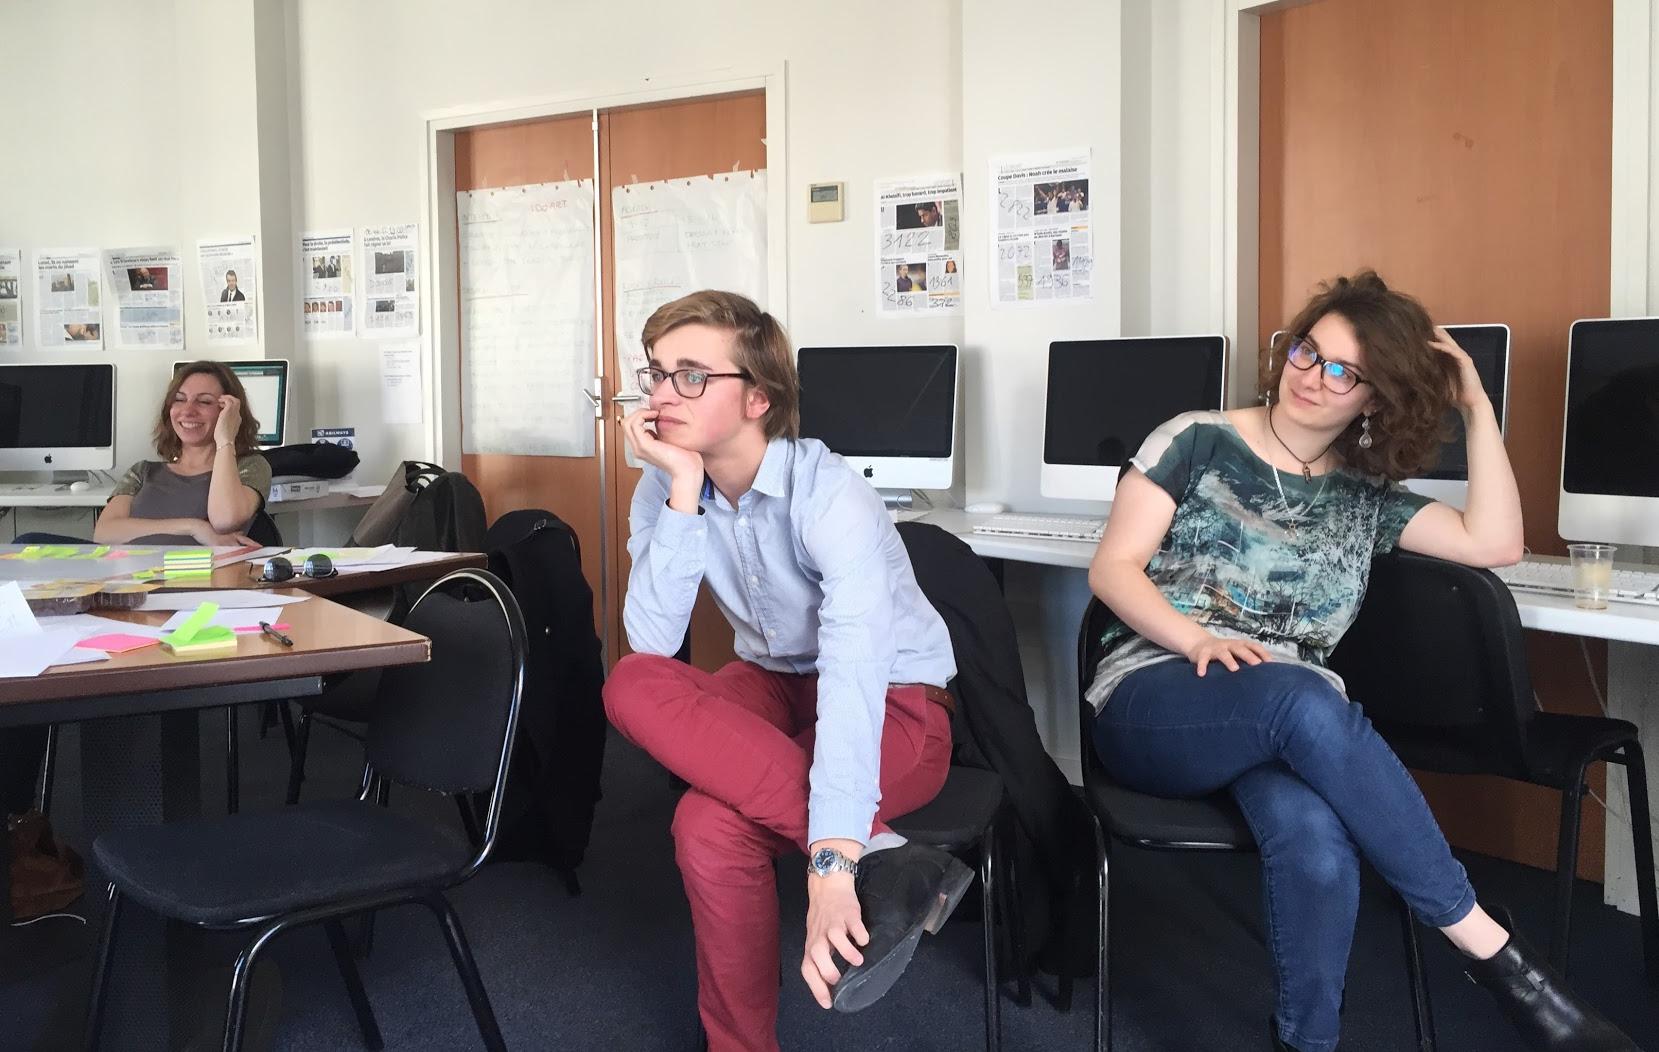 Fabien Lassalle-Humez et Zoé Barbé, lors d'une session de travail sur la pédagogie avec l'équipe W, en mai 2016 à Paris.